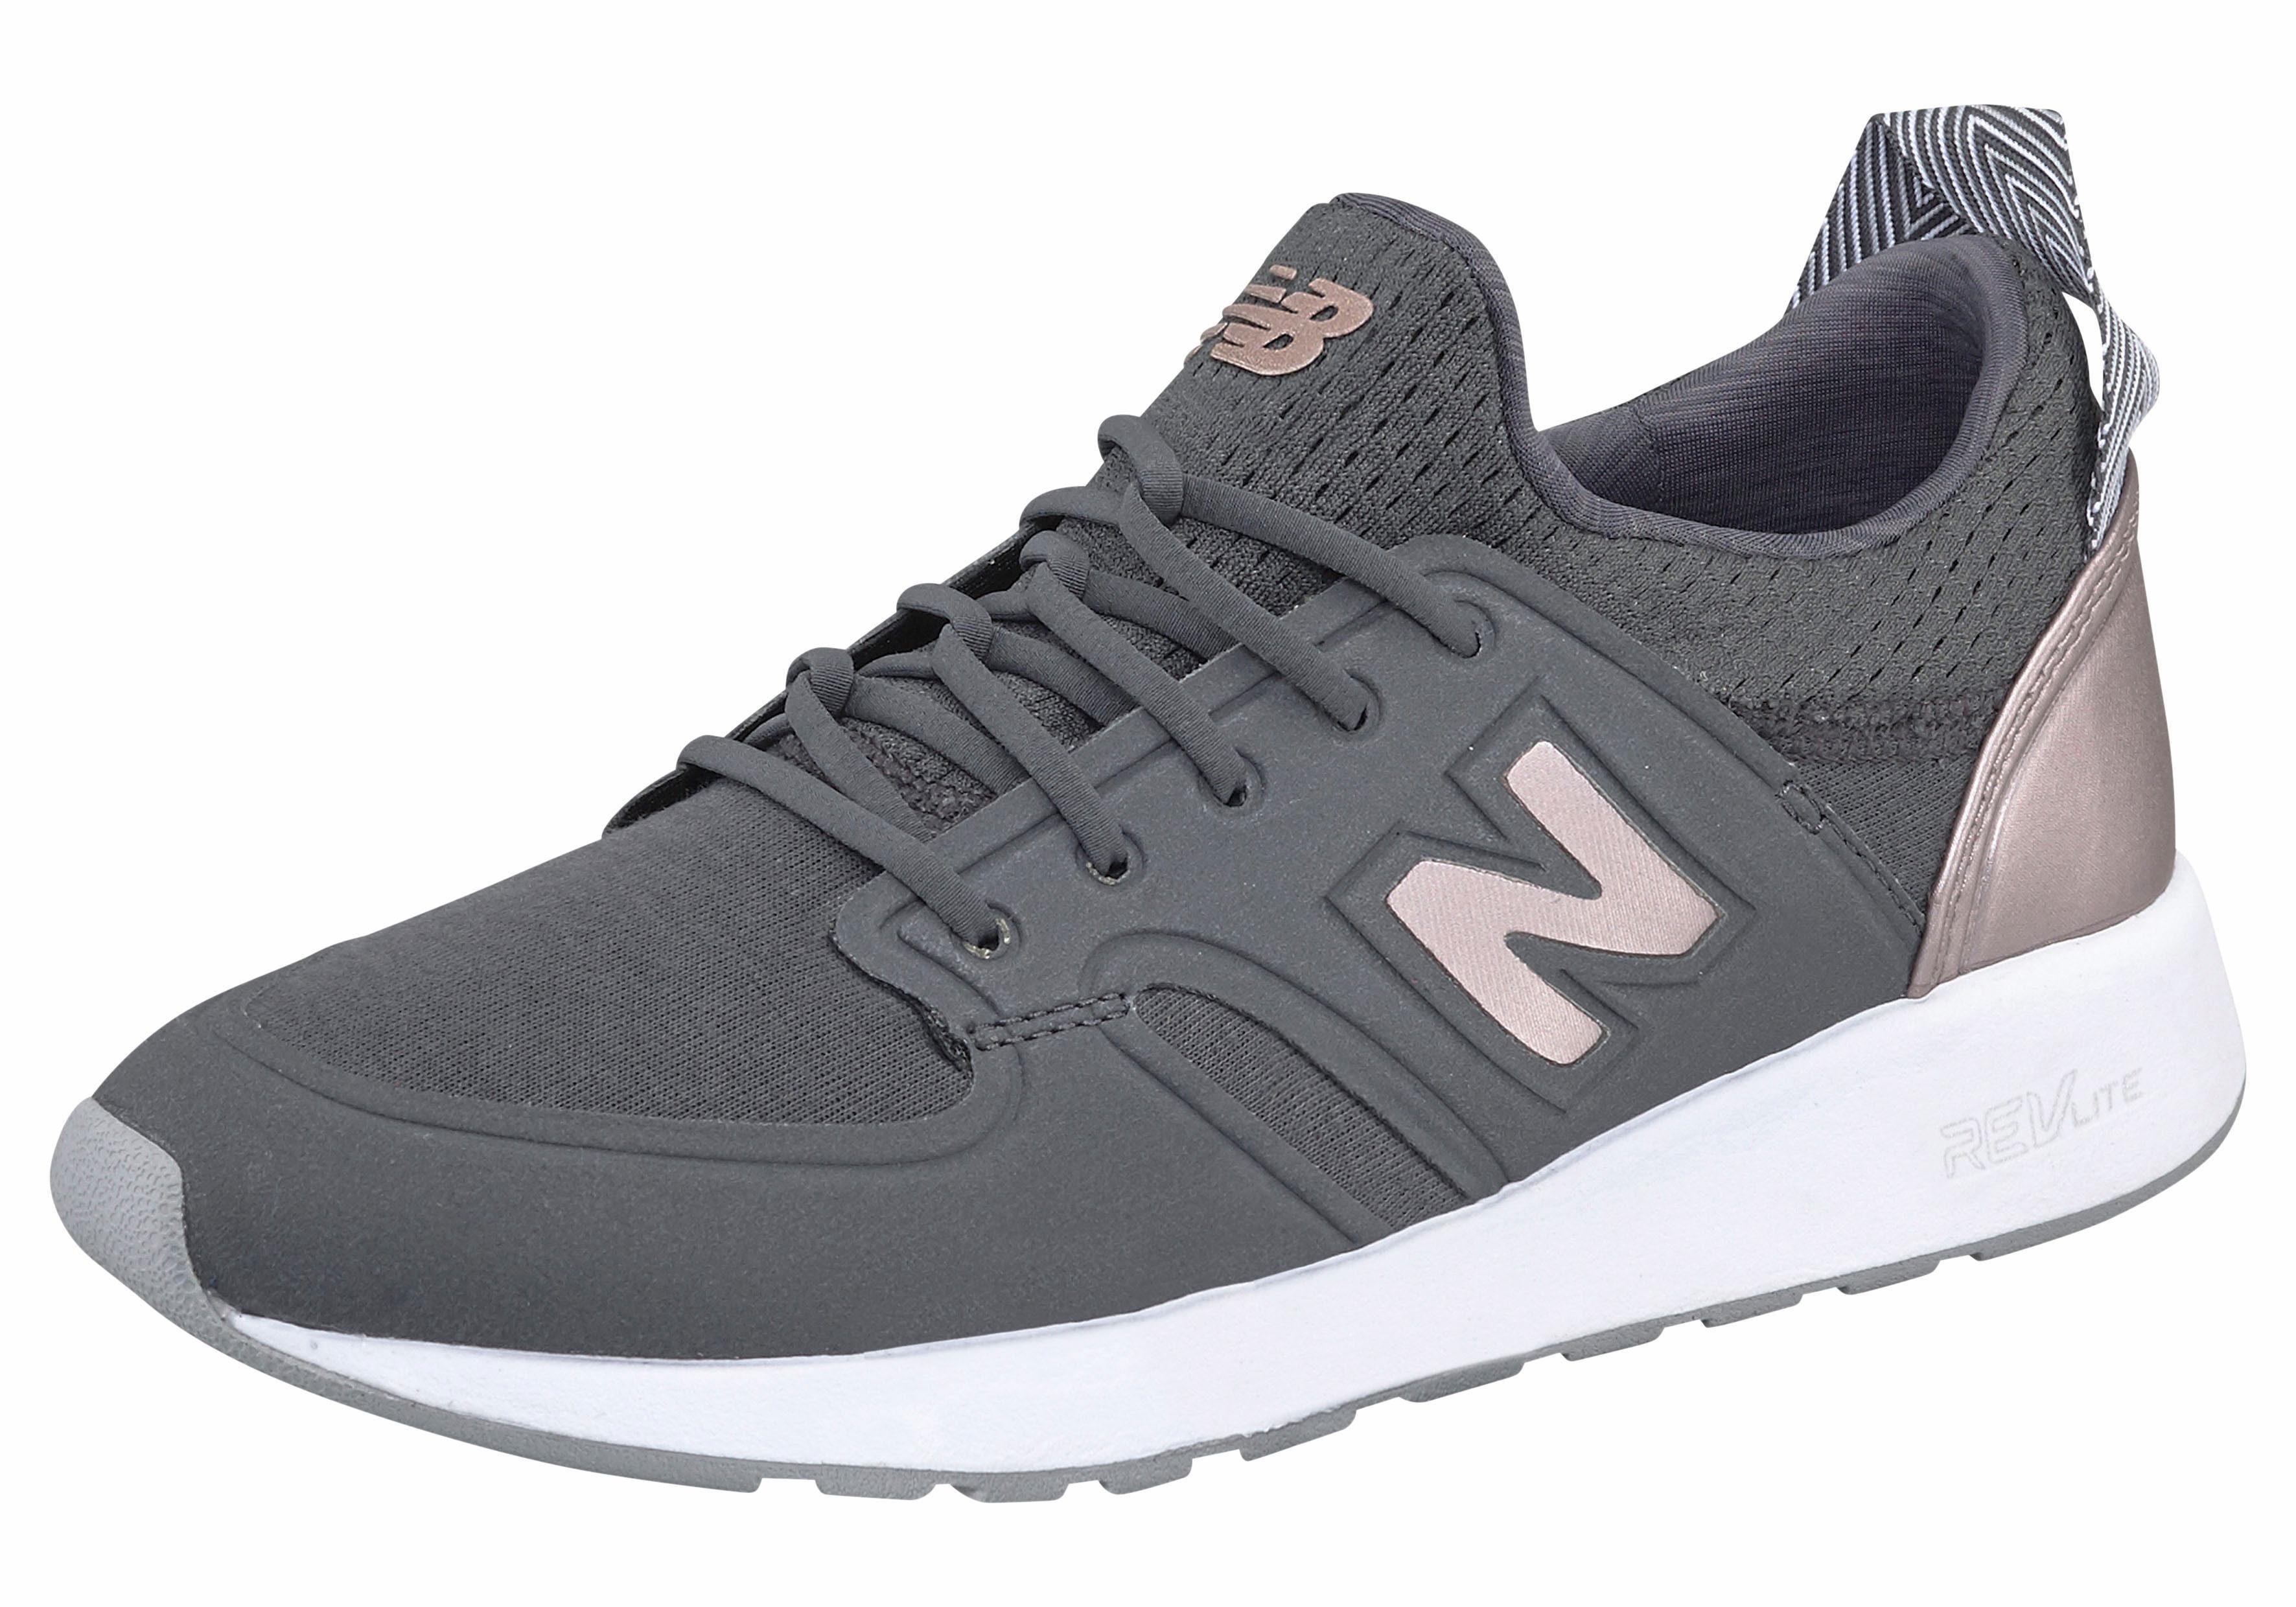 New Balance WRL 420 Sneaker online kaufen  anthrazit-roségoldfarben